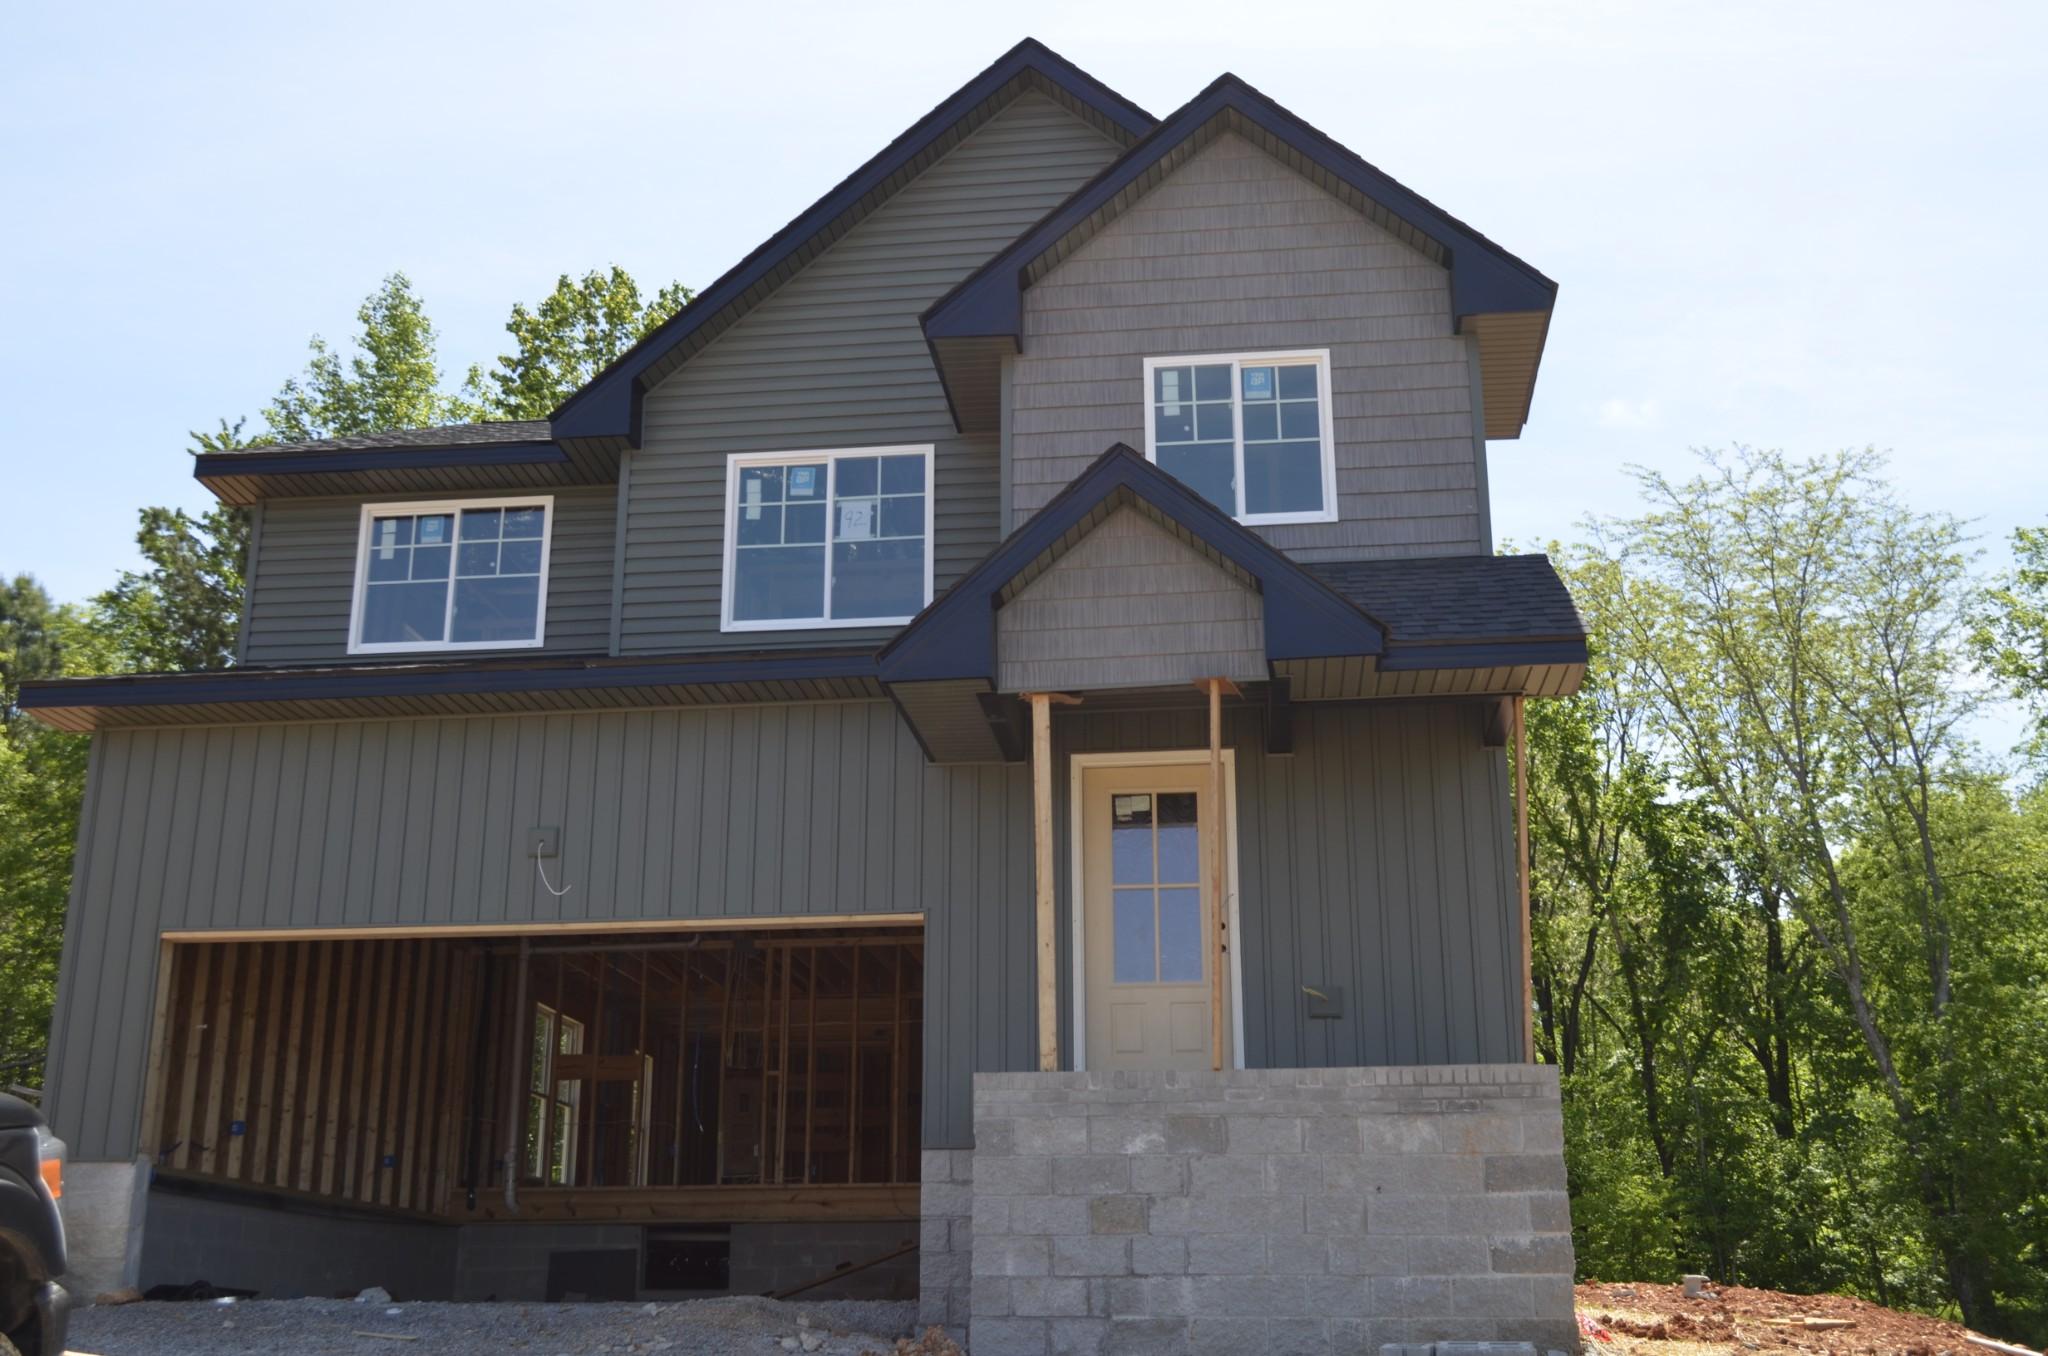 92 Chestnut Hills, Clarksville, TN 37042 - Clarksville, TN real estate listing